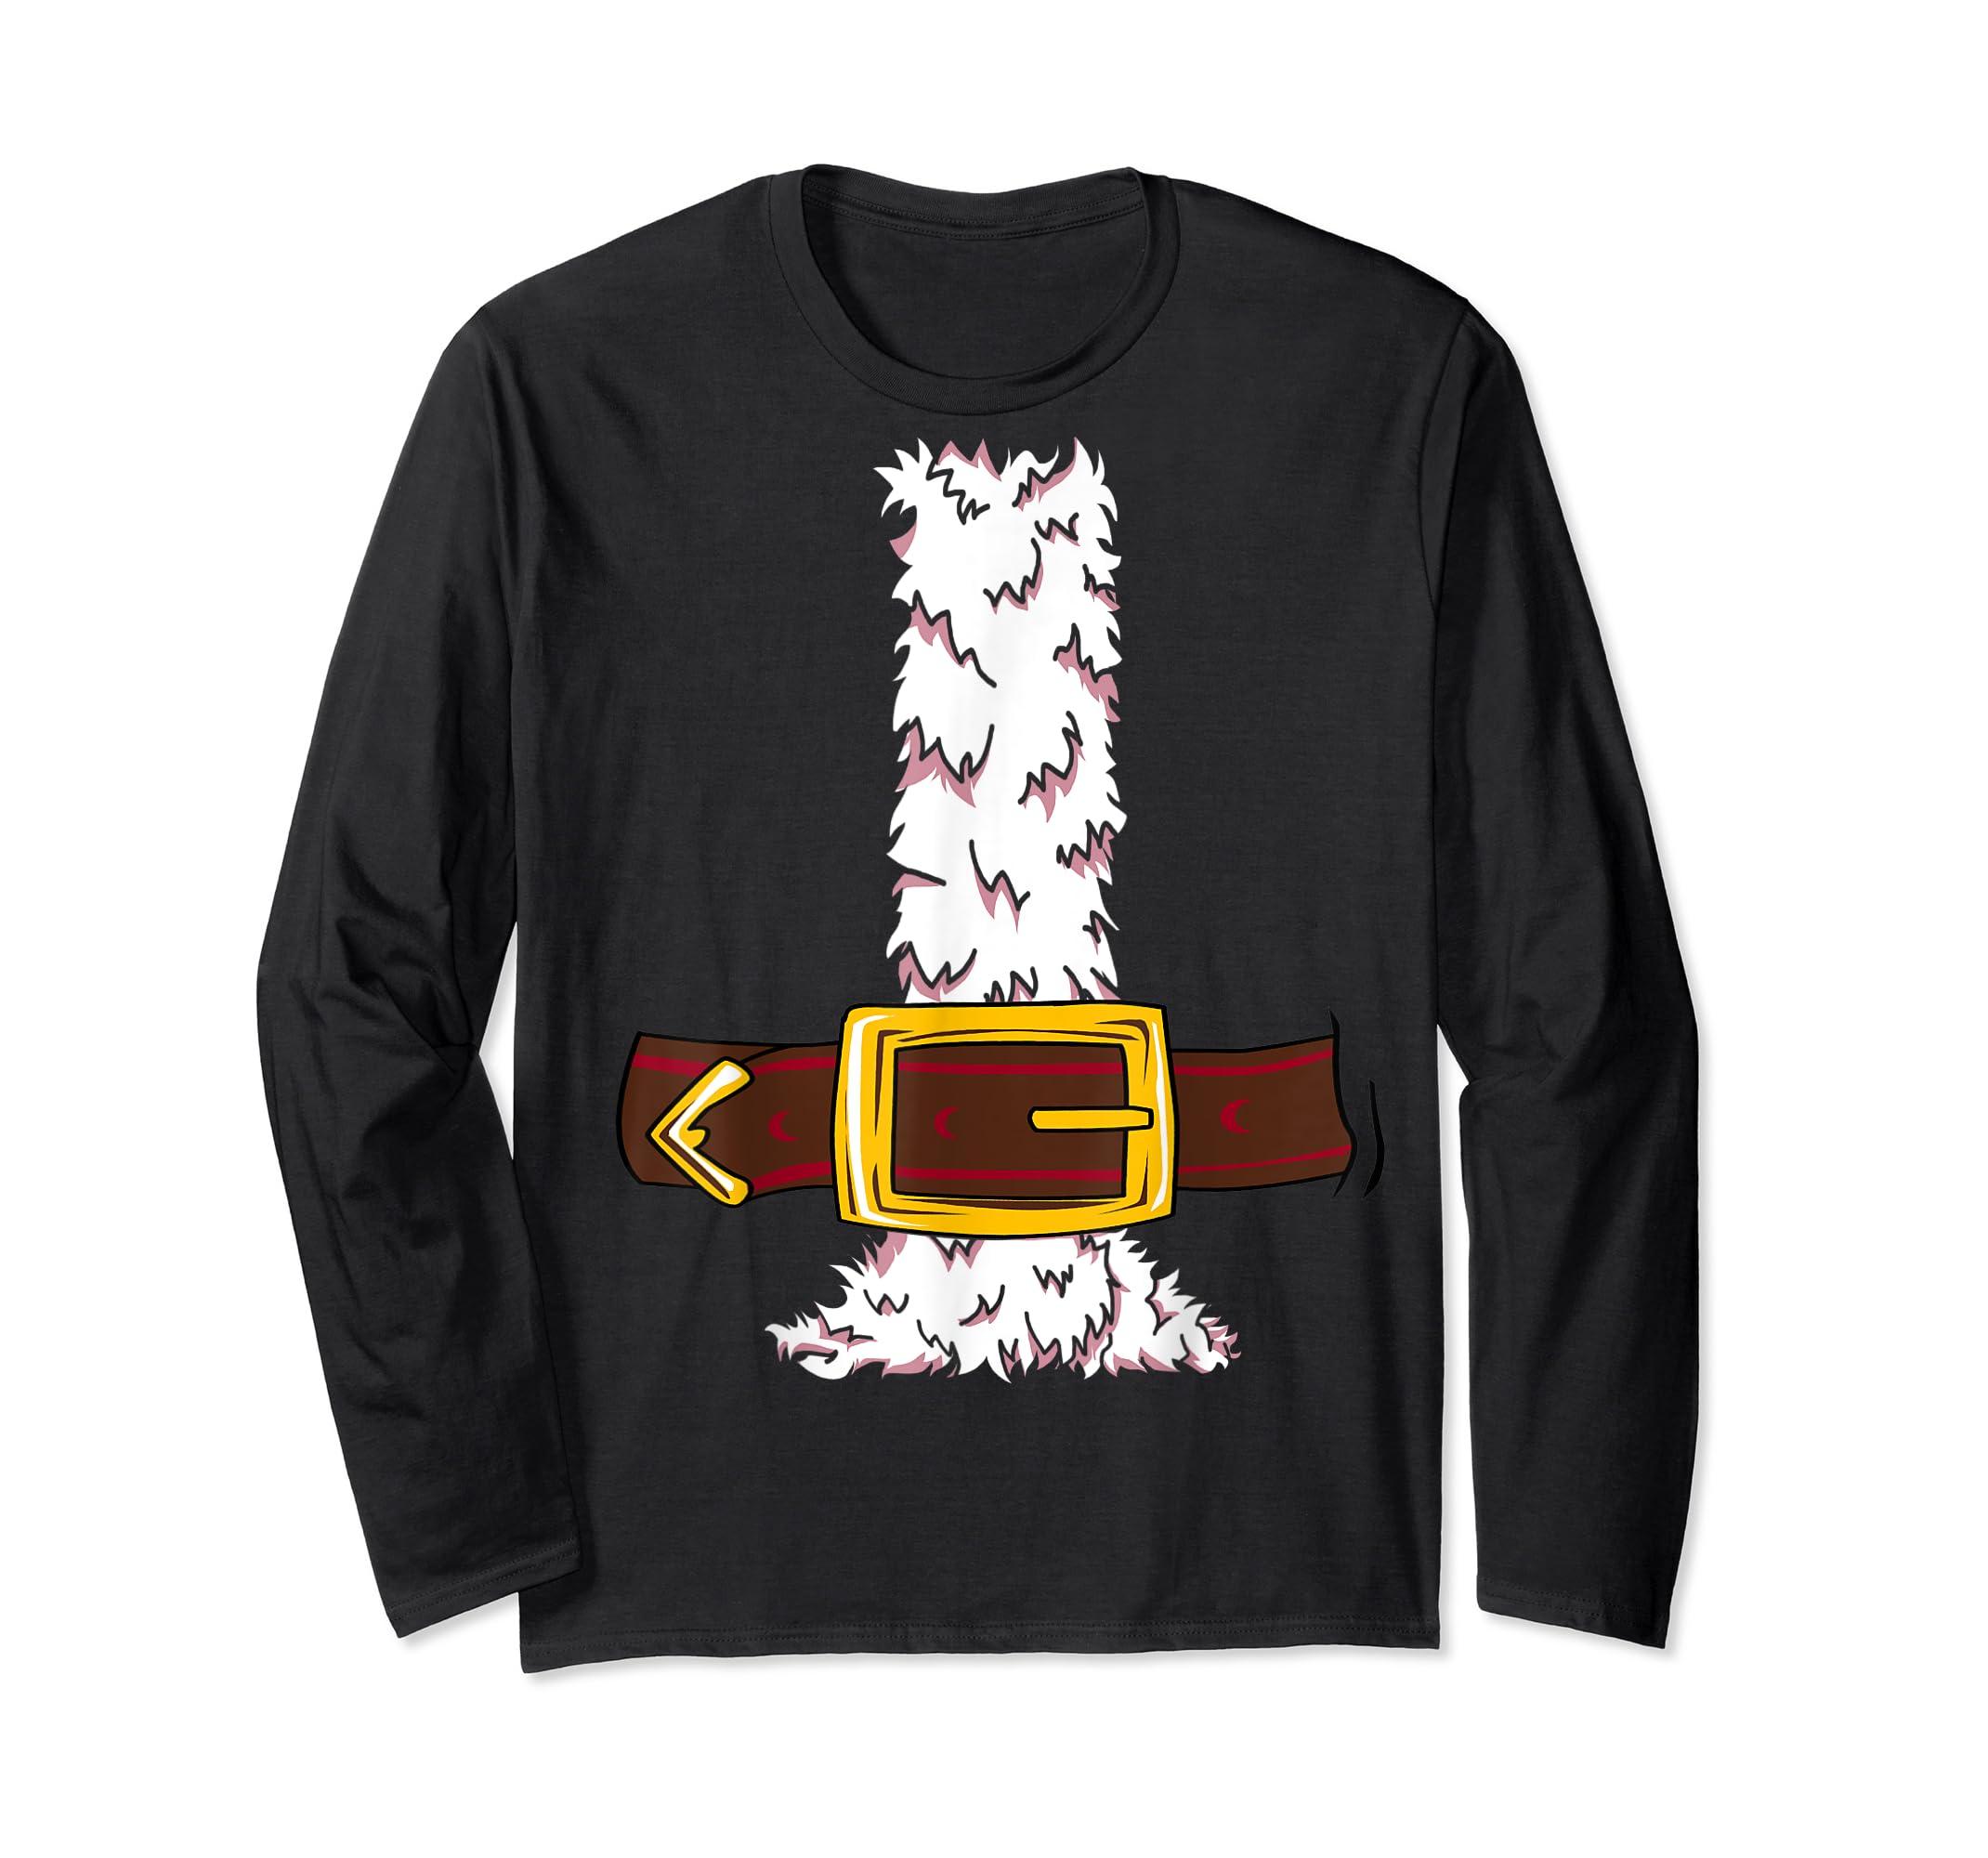 Funny Christmas gift for boys girls men women Santa costume T-Shirt-Long Sleeve-Black